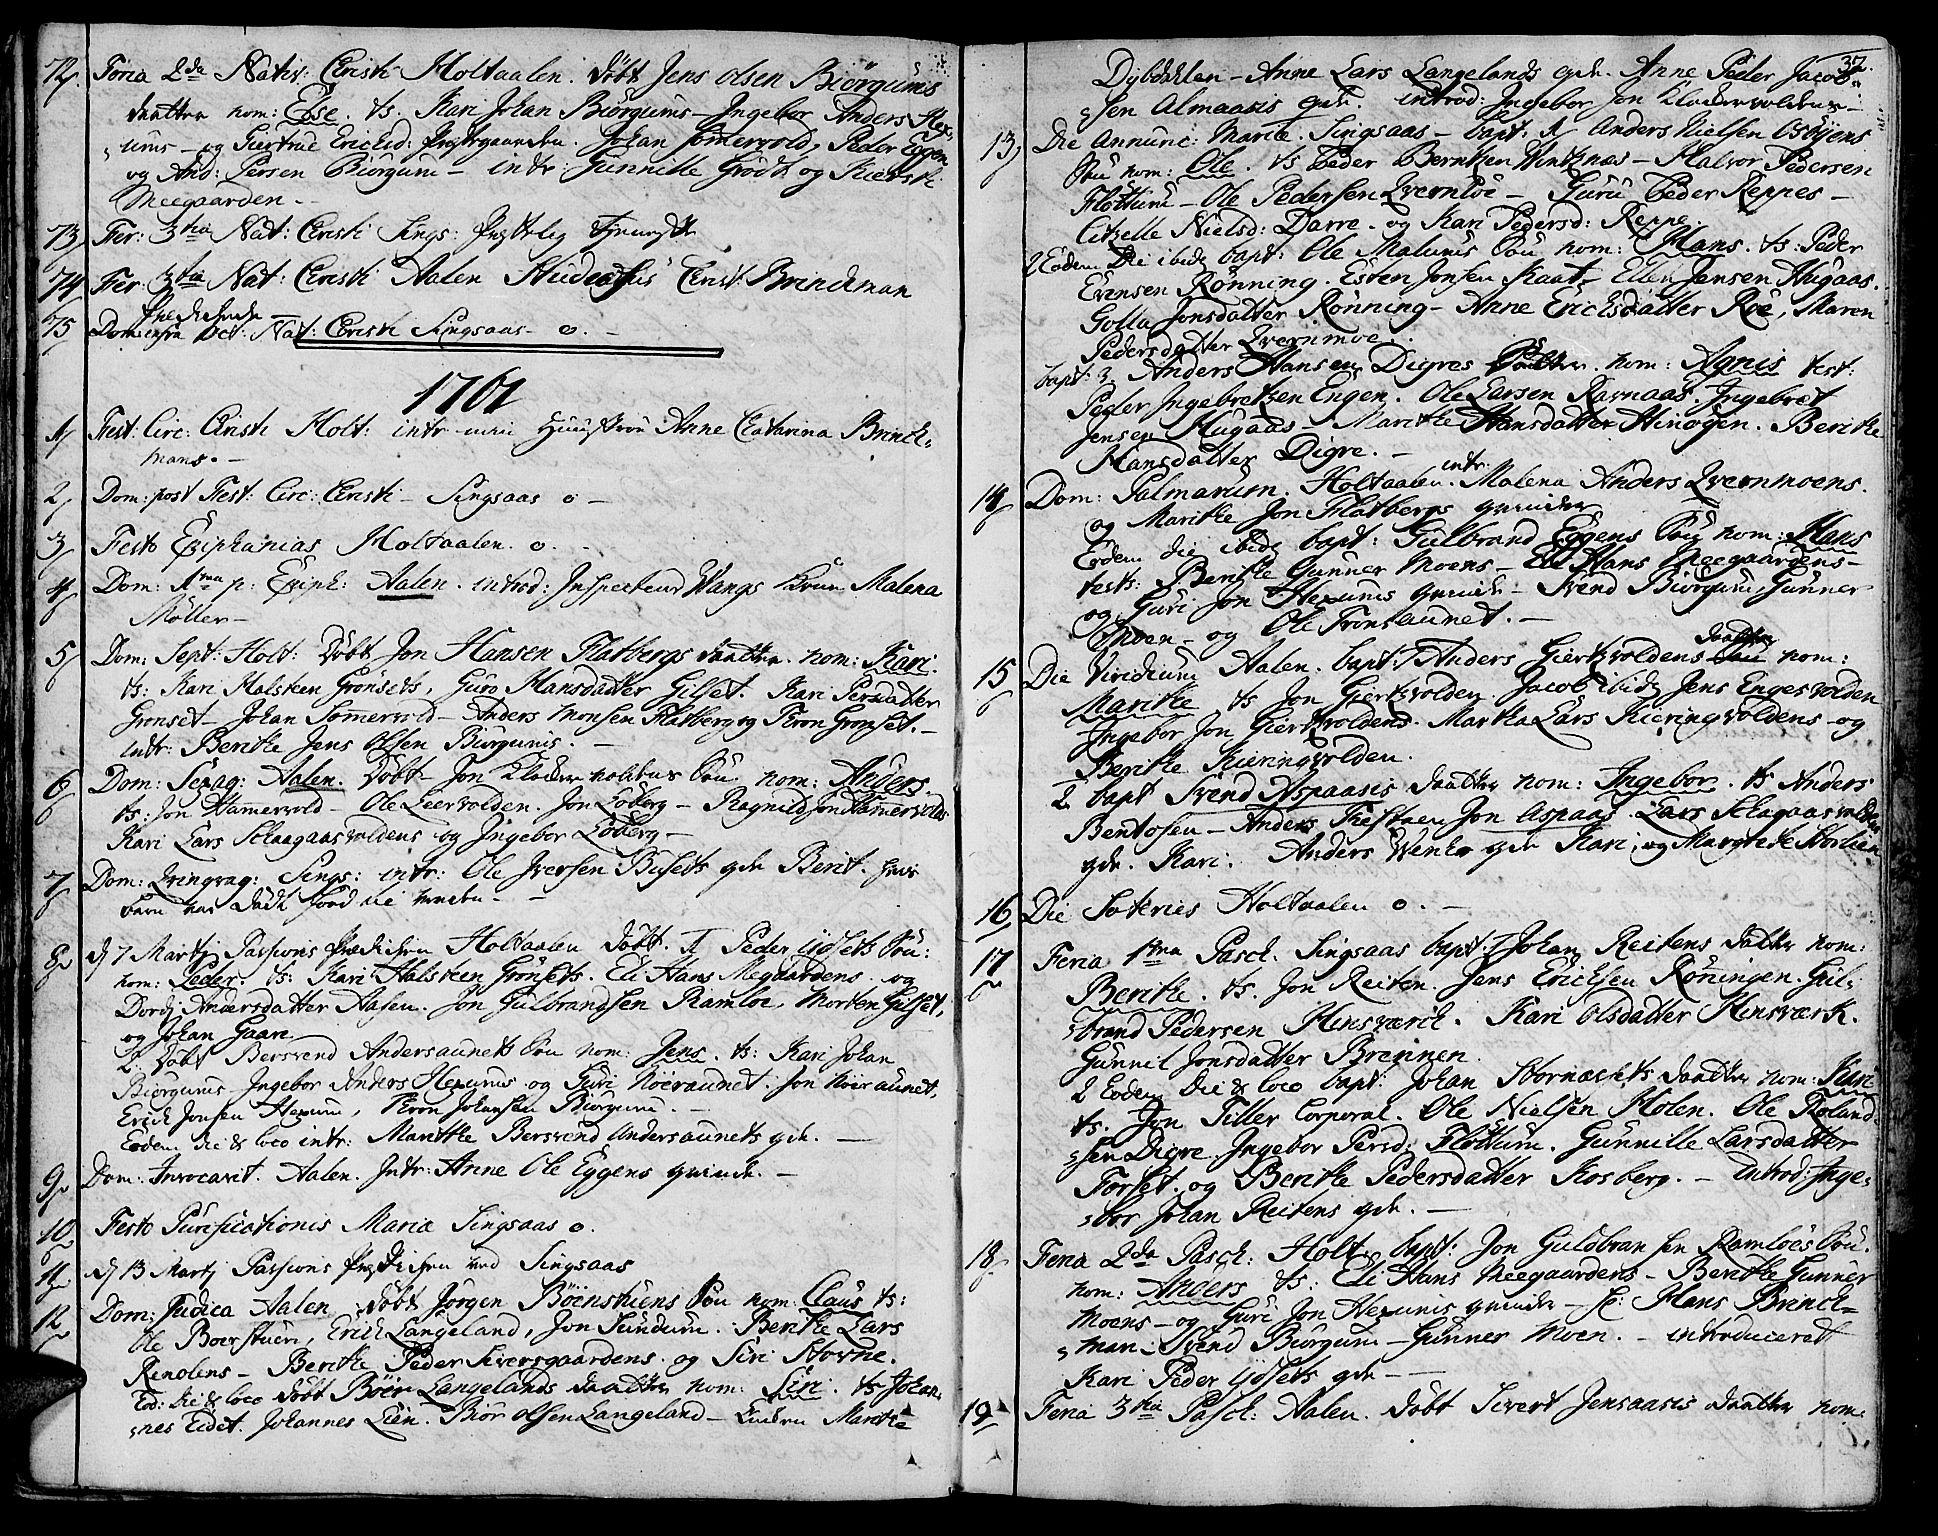 SAT, Ministerialprotokoller, klokkerbøker og fødselsregistre - Sør-Trøndelag, 685/L0952: Ministerialbok nr. 685A01, 1745-1804, s. 32